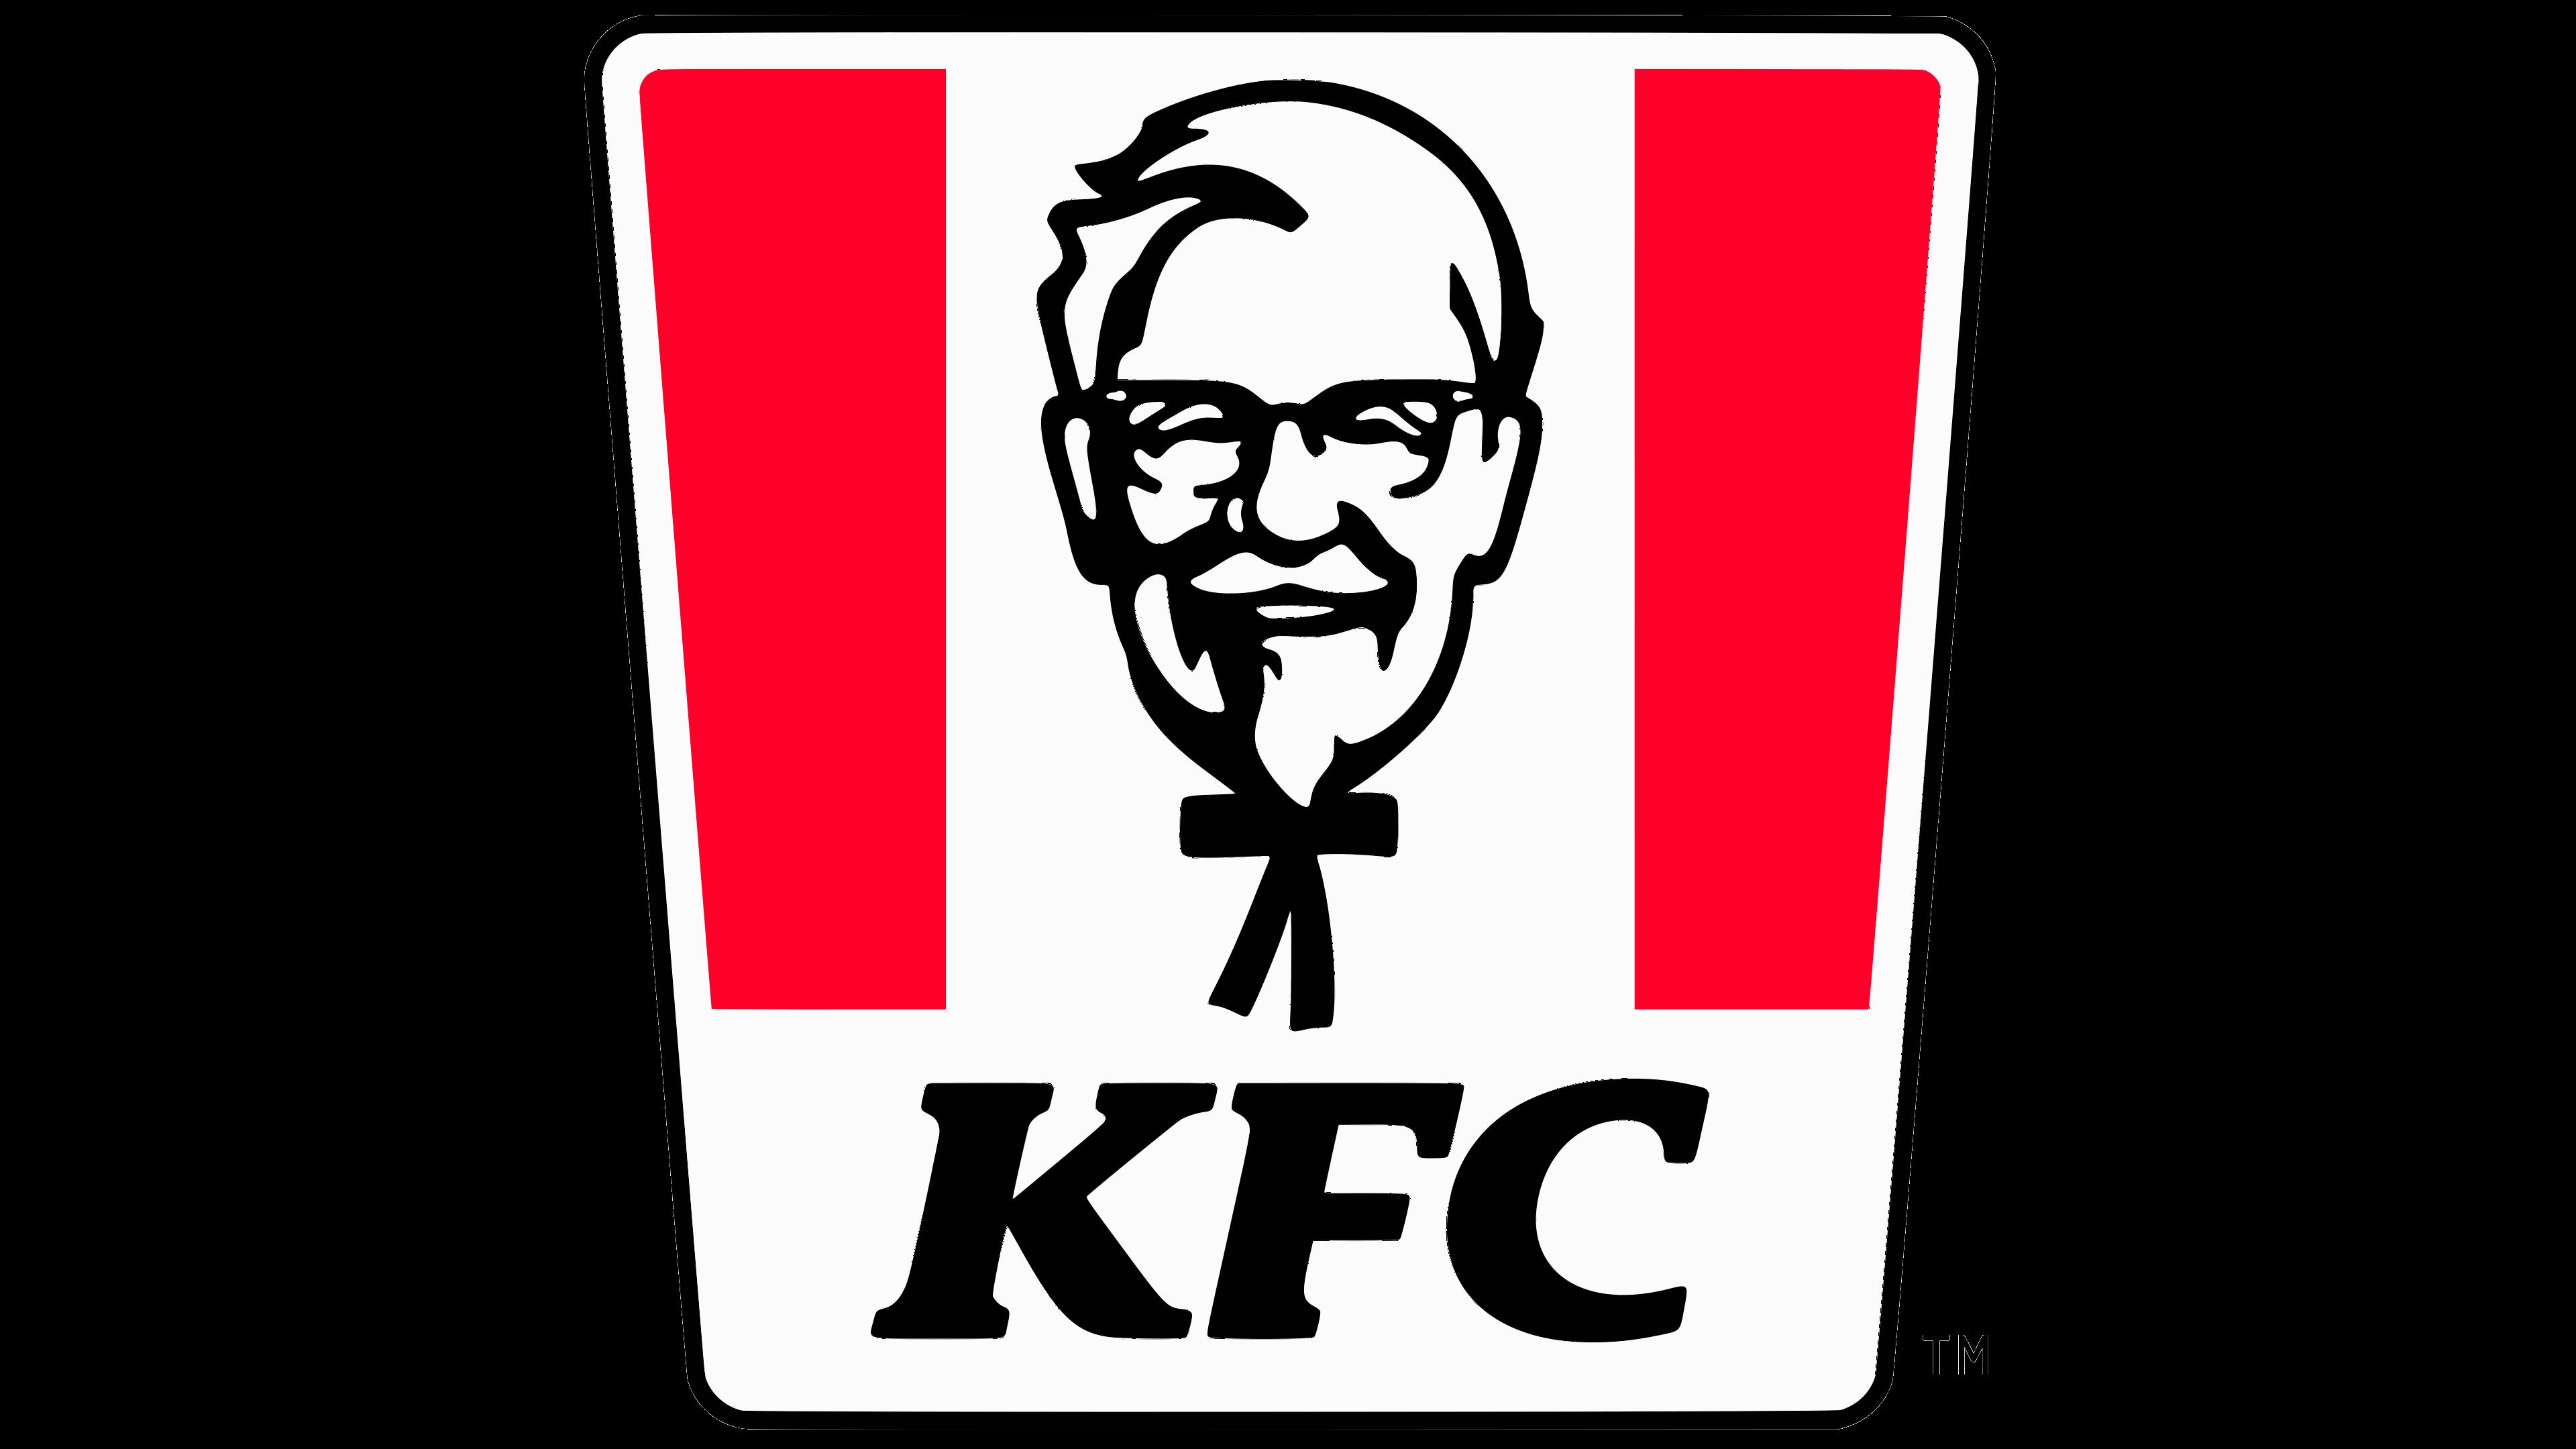 KFC GUYANA